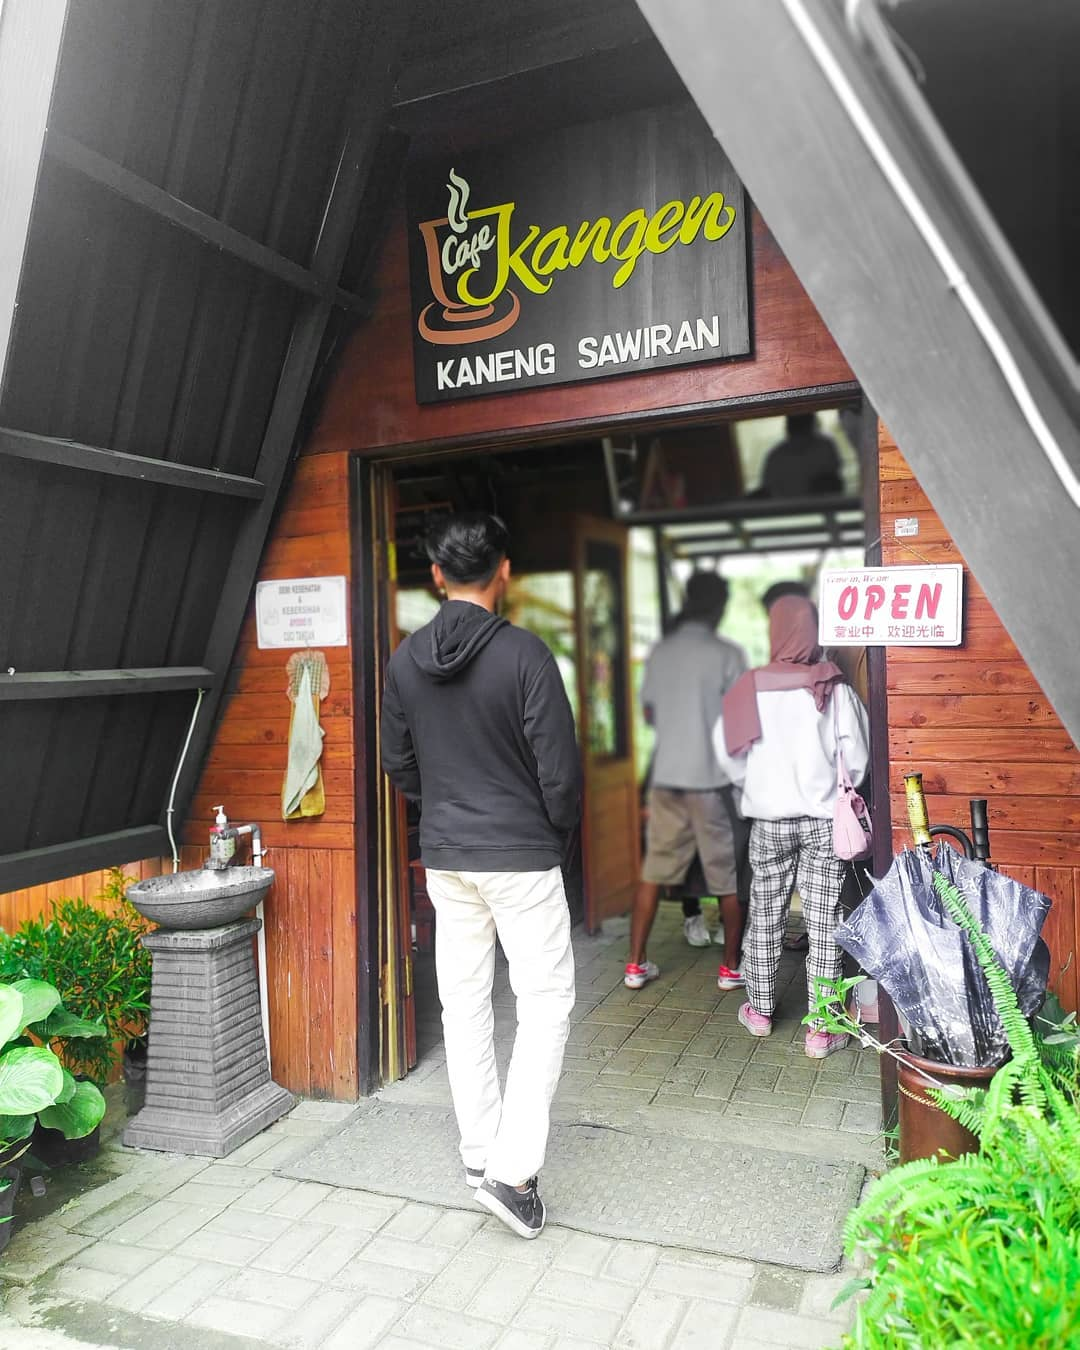 lokasi cafe kangen sawiran